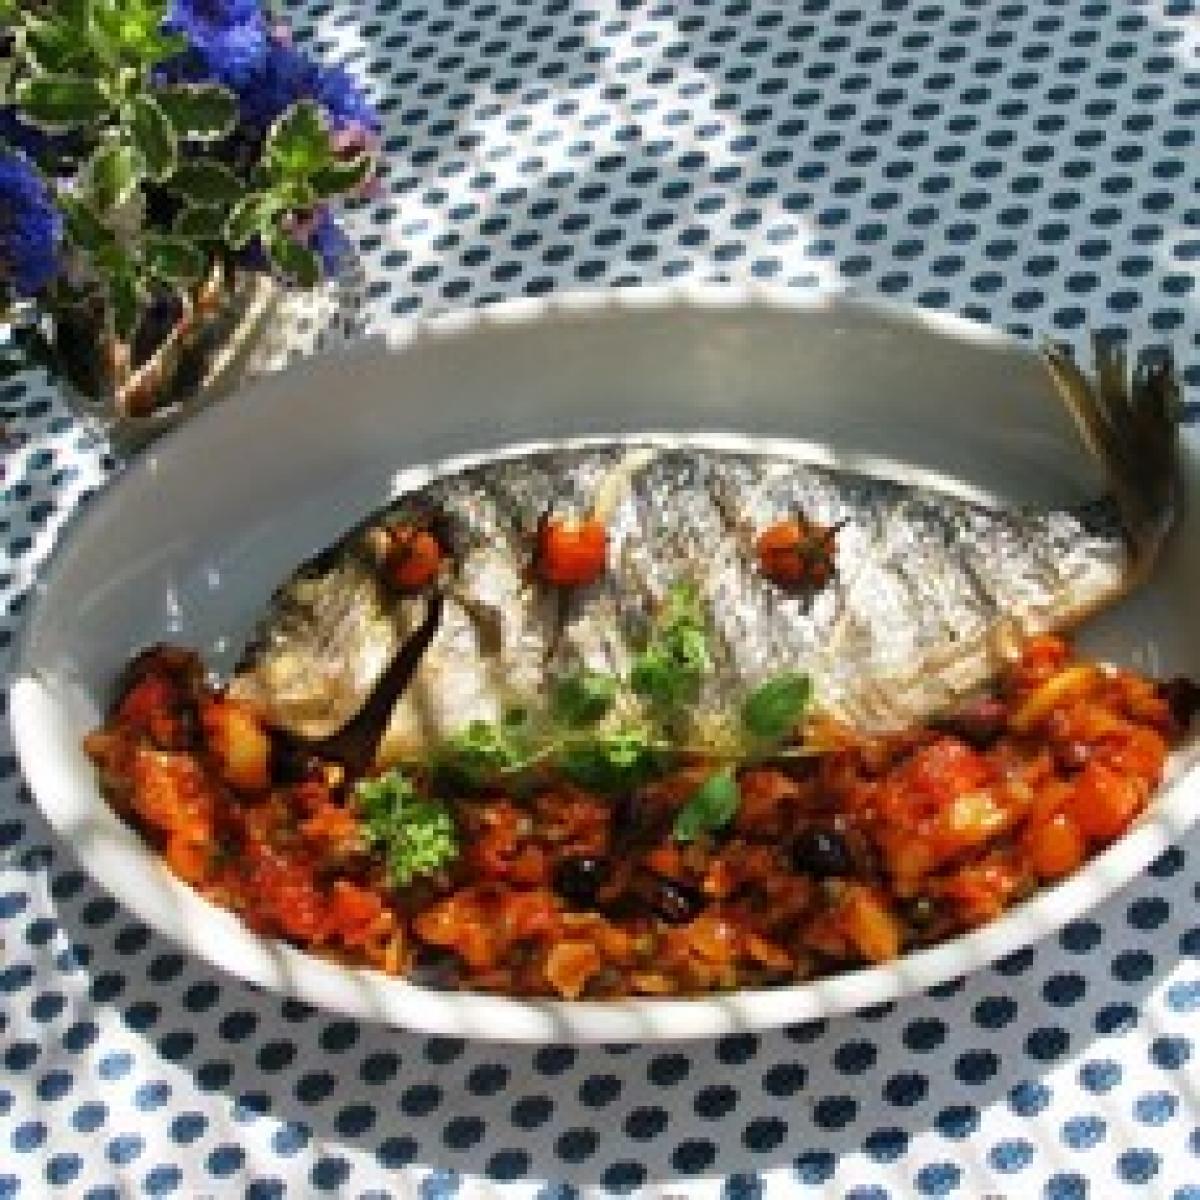 A picture of Delia's Sea Bream with Mediterranean Sauce recipe